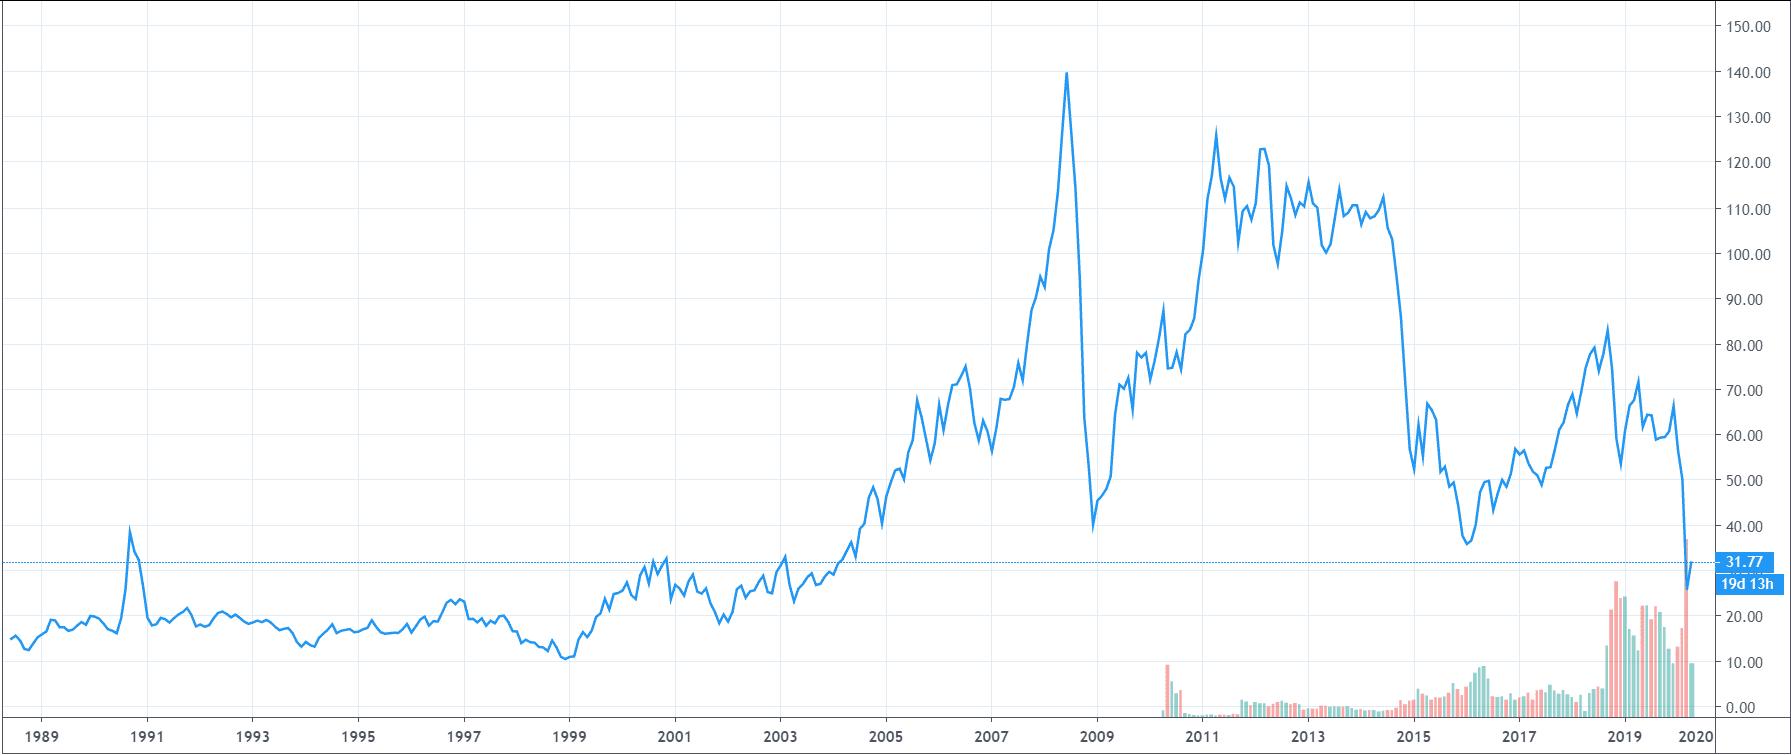 График нефти за 30 лет